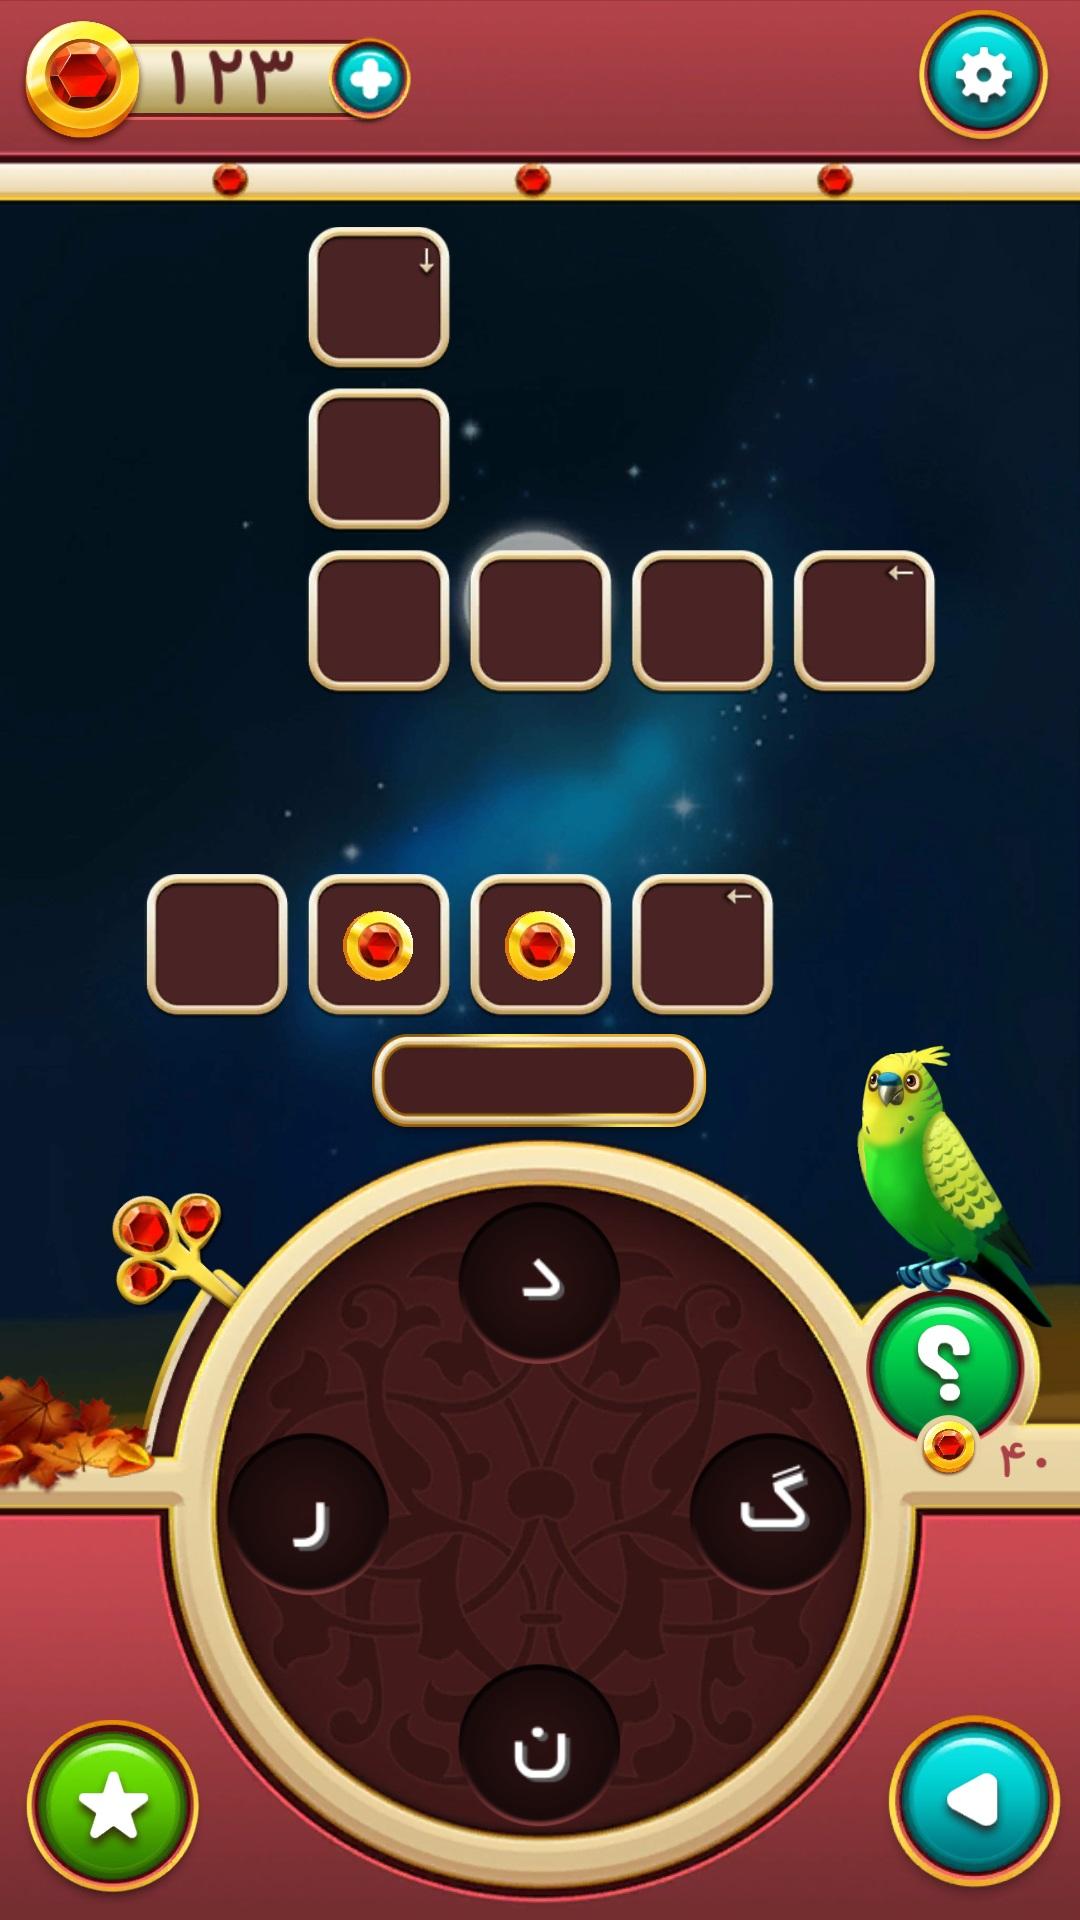 شهرزاد 9 - بررسی بازی «هزار افسان: شهزاد»؛ با حروف بازی کنید و افسانه بخوانید